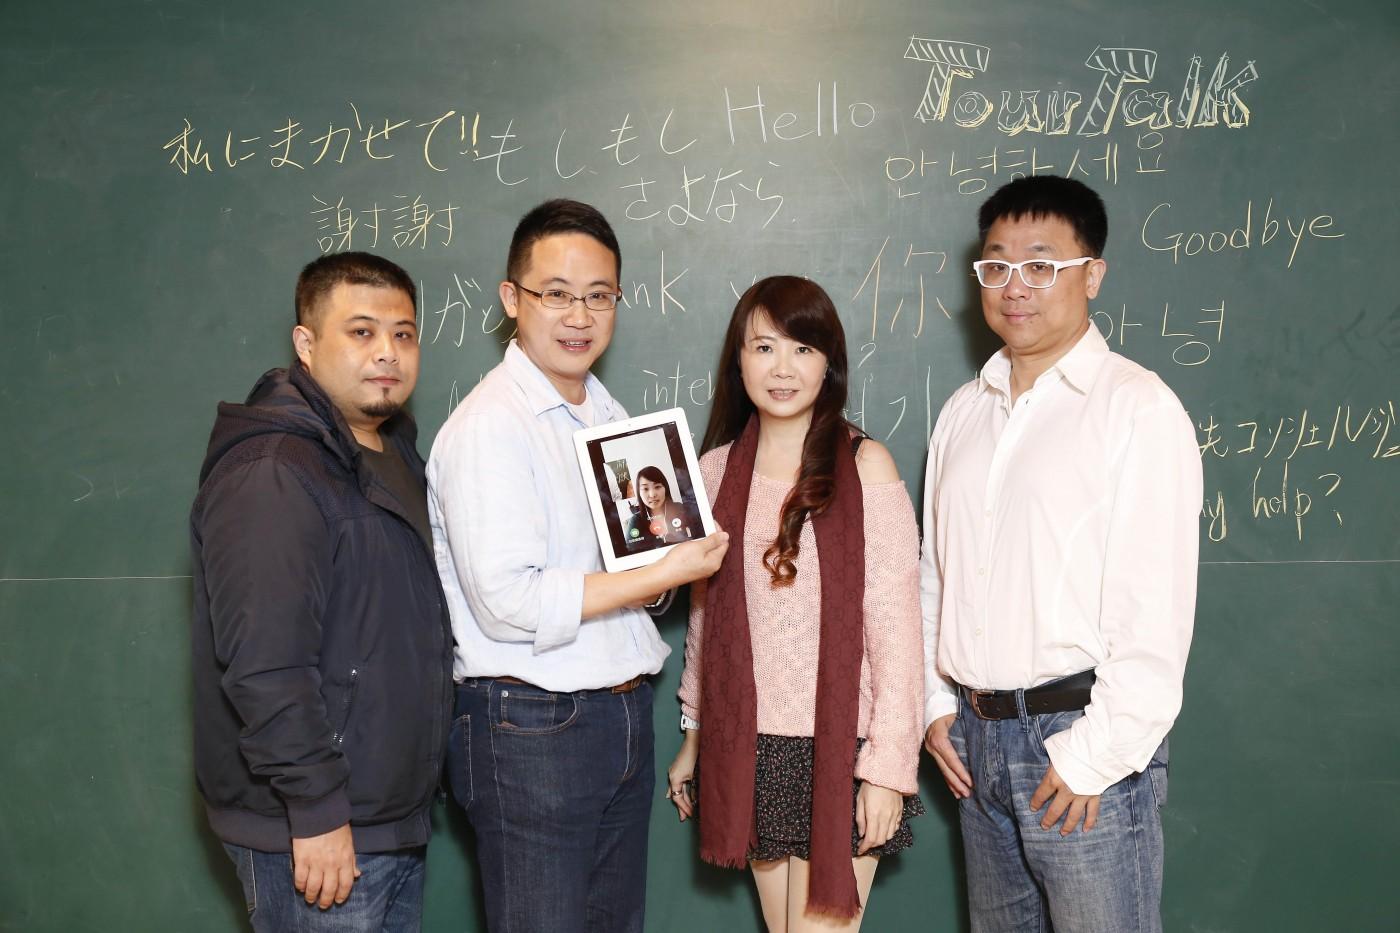 與中華電信、觀光局合作!TourTalk遠離AI翻譯戰場,用「人」創造溫暖旅遊體驗